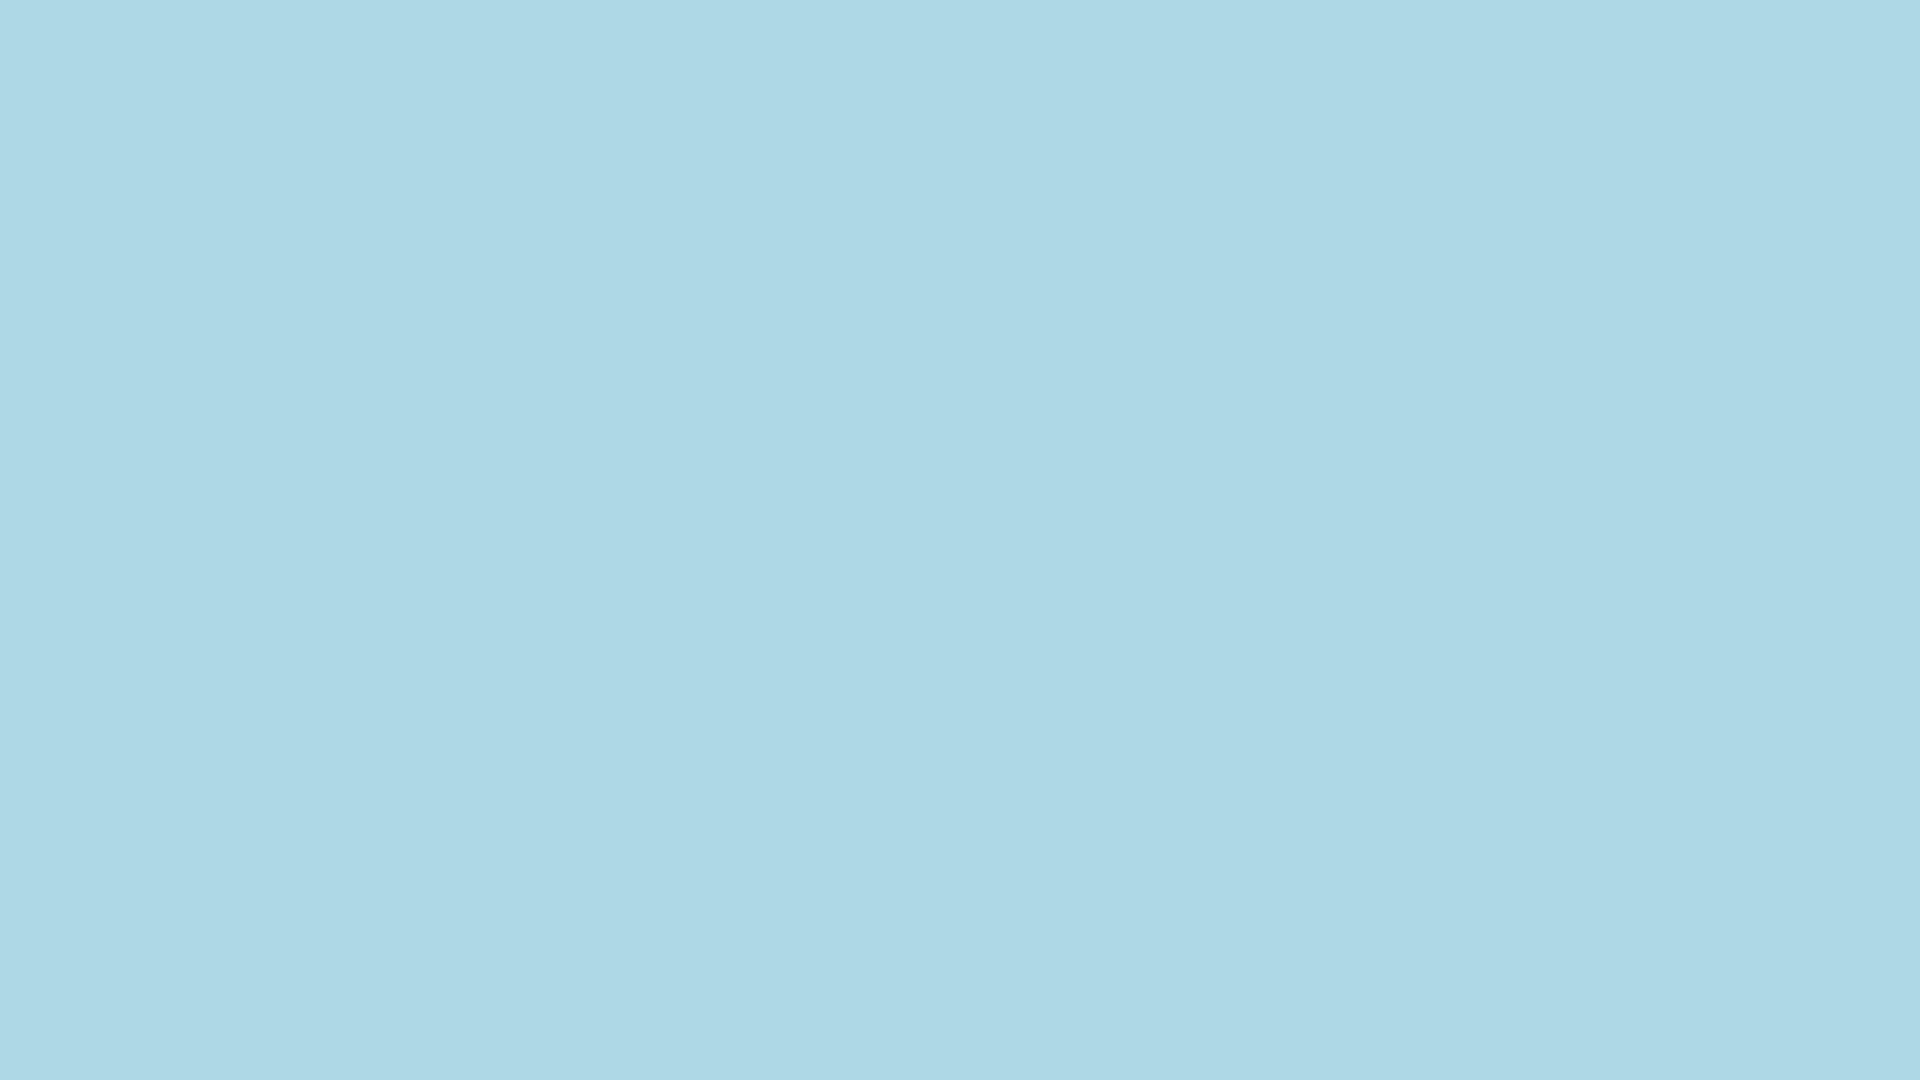 Pale Blue Wallpaper - WallpaperSafari